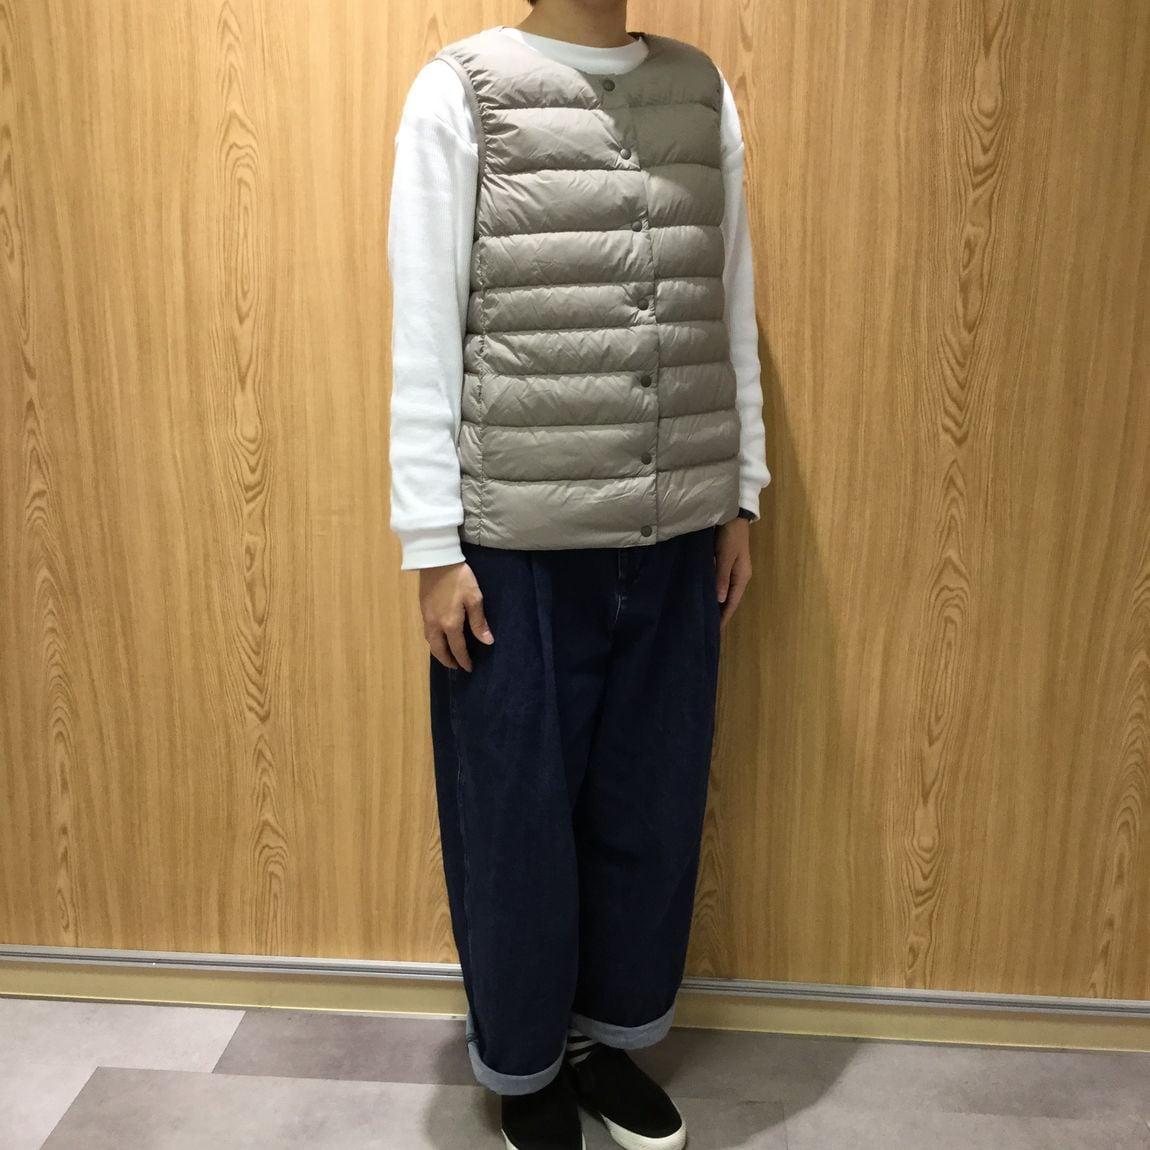 【新さっぽろサンピアザ】ダウン全身